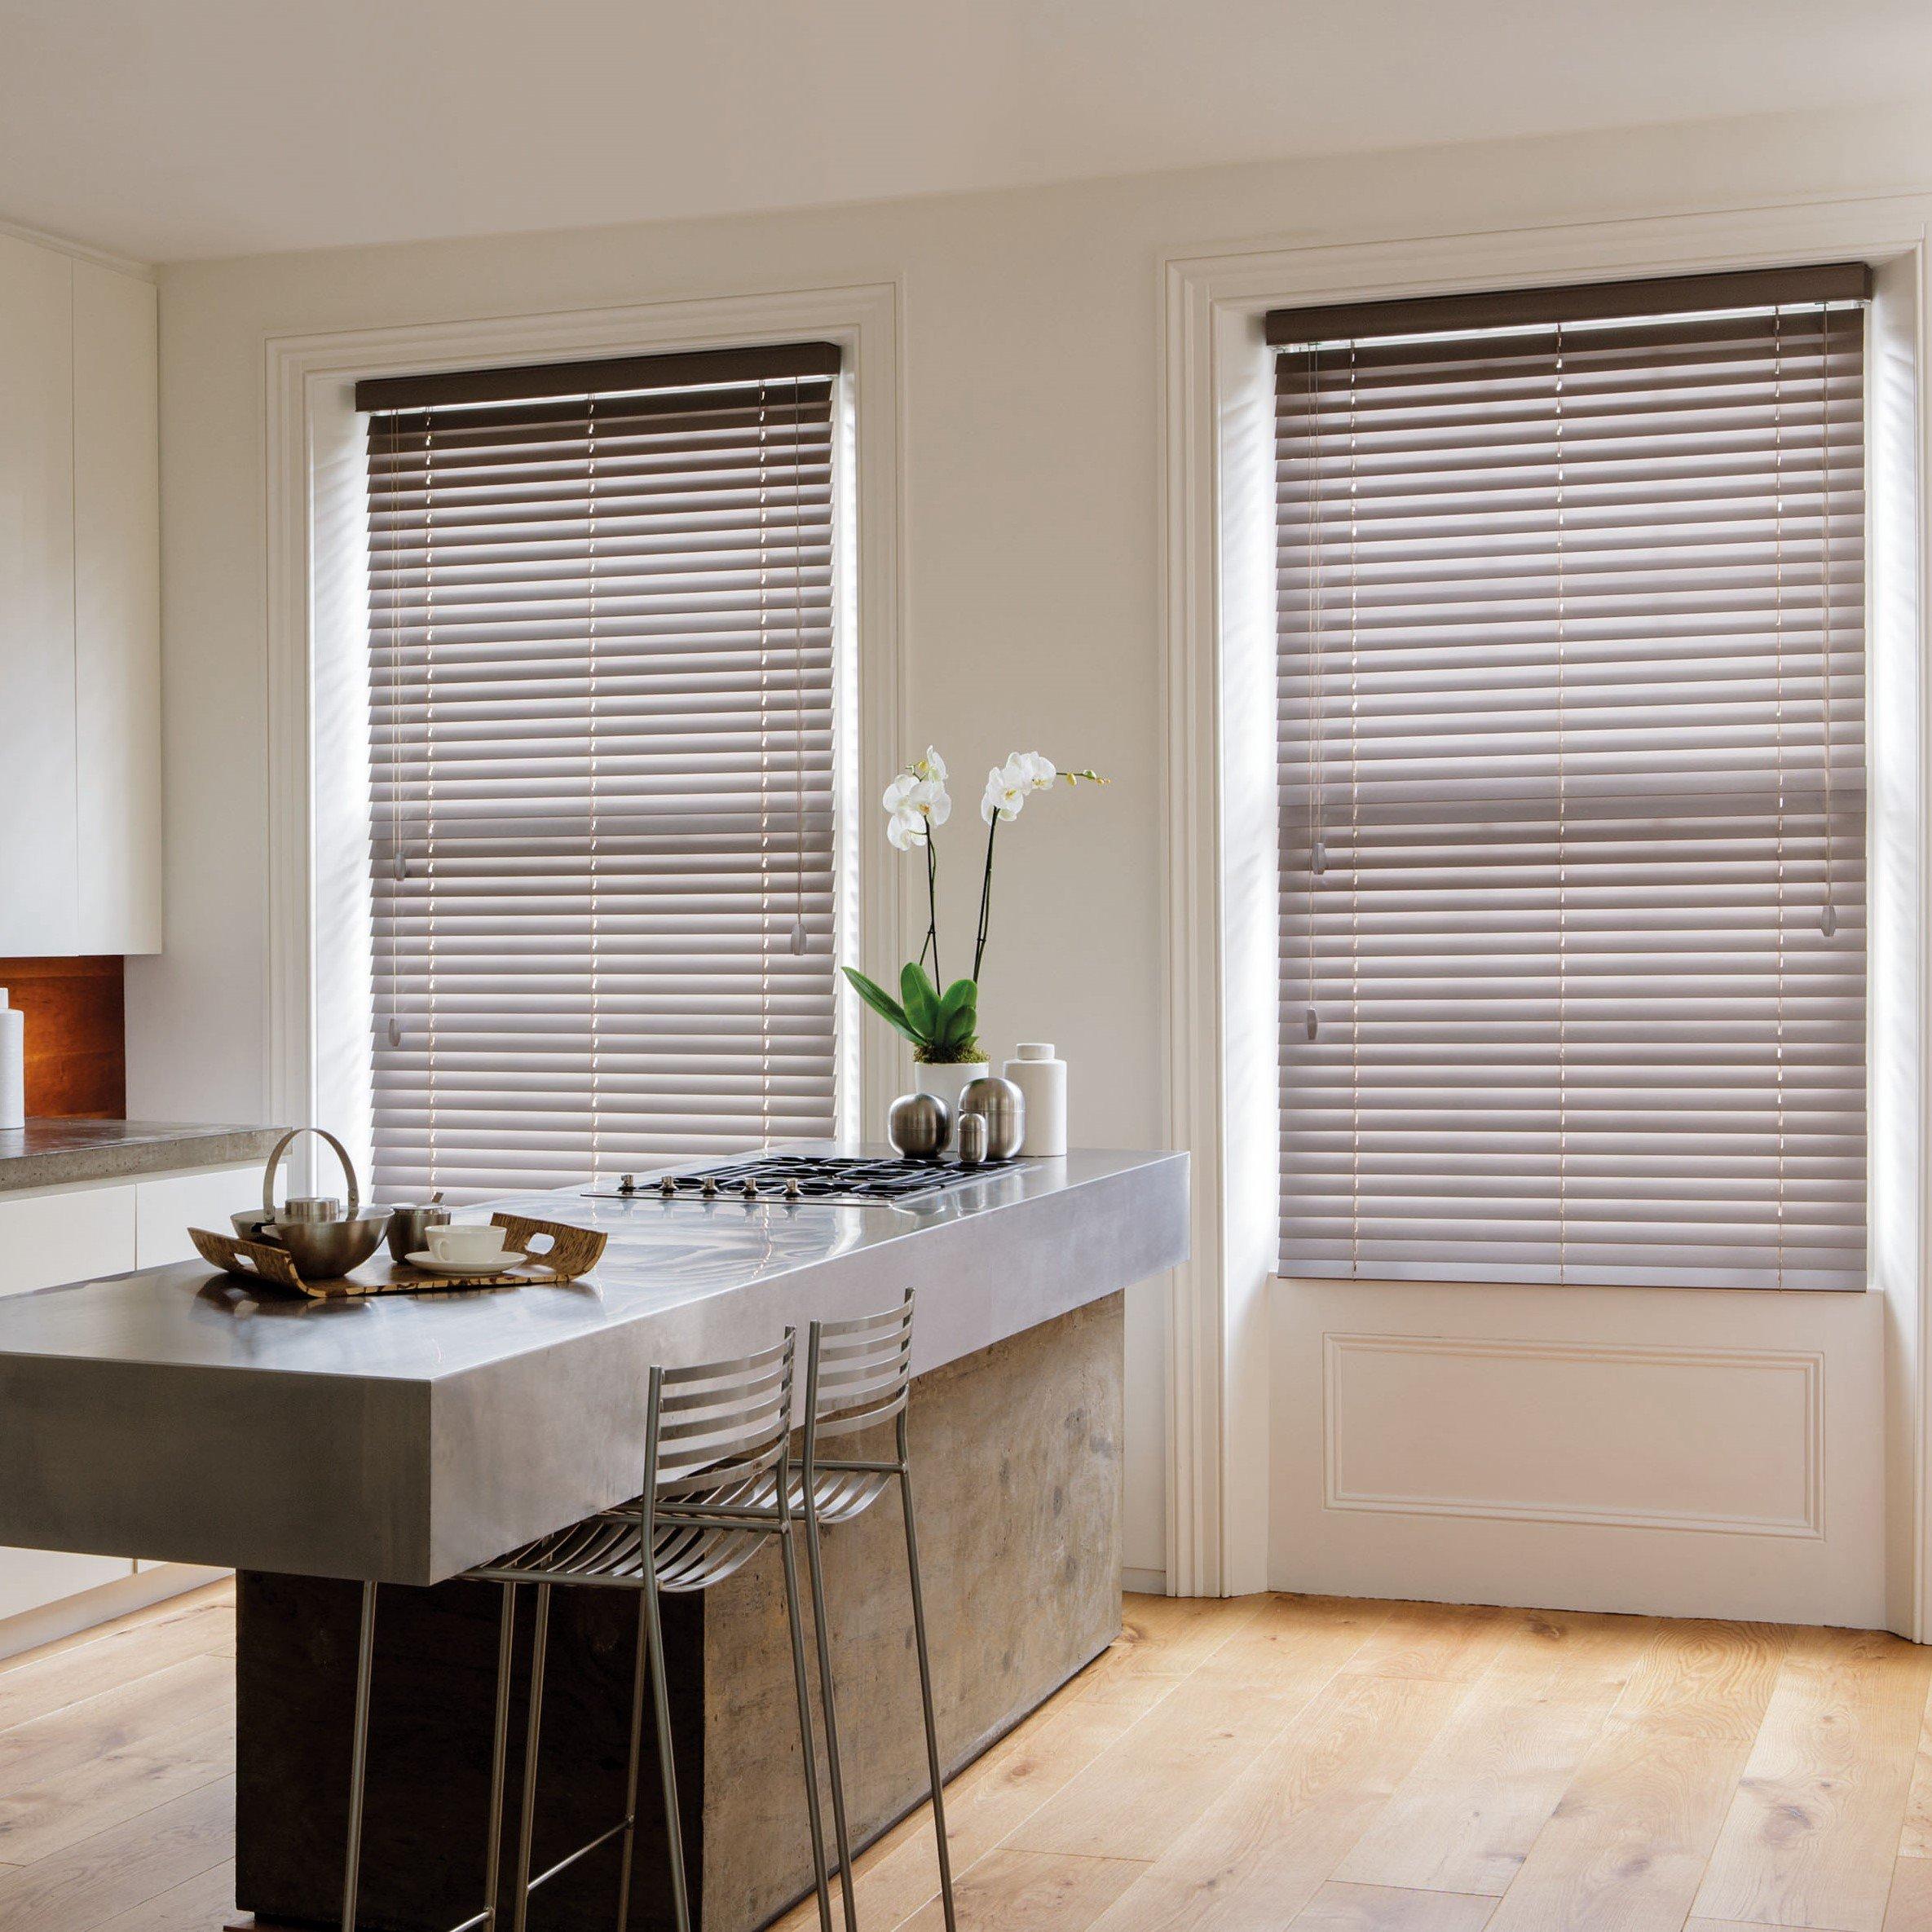 wooden-blinds-kitchen